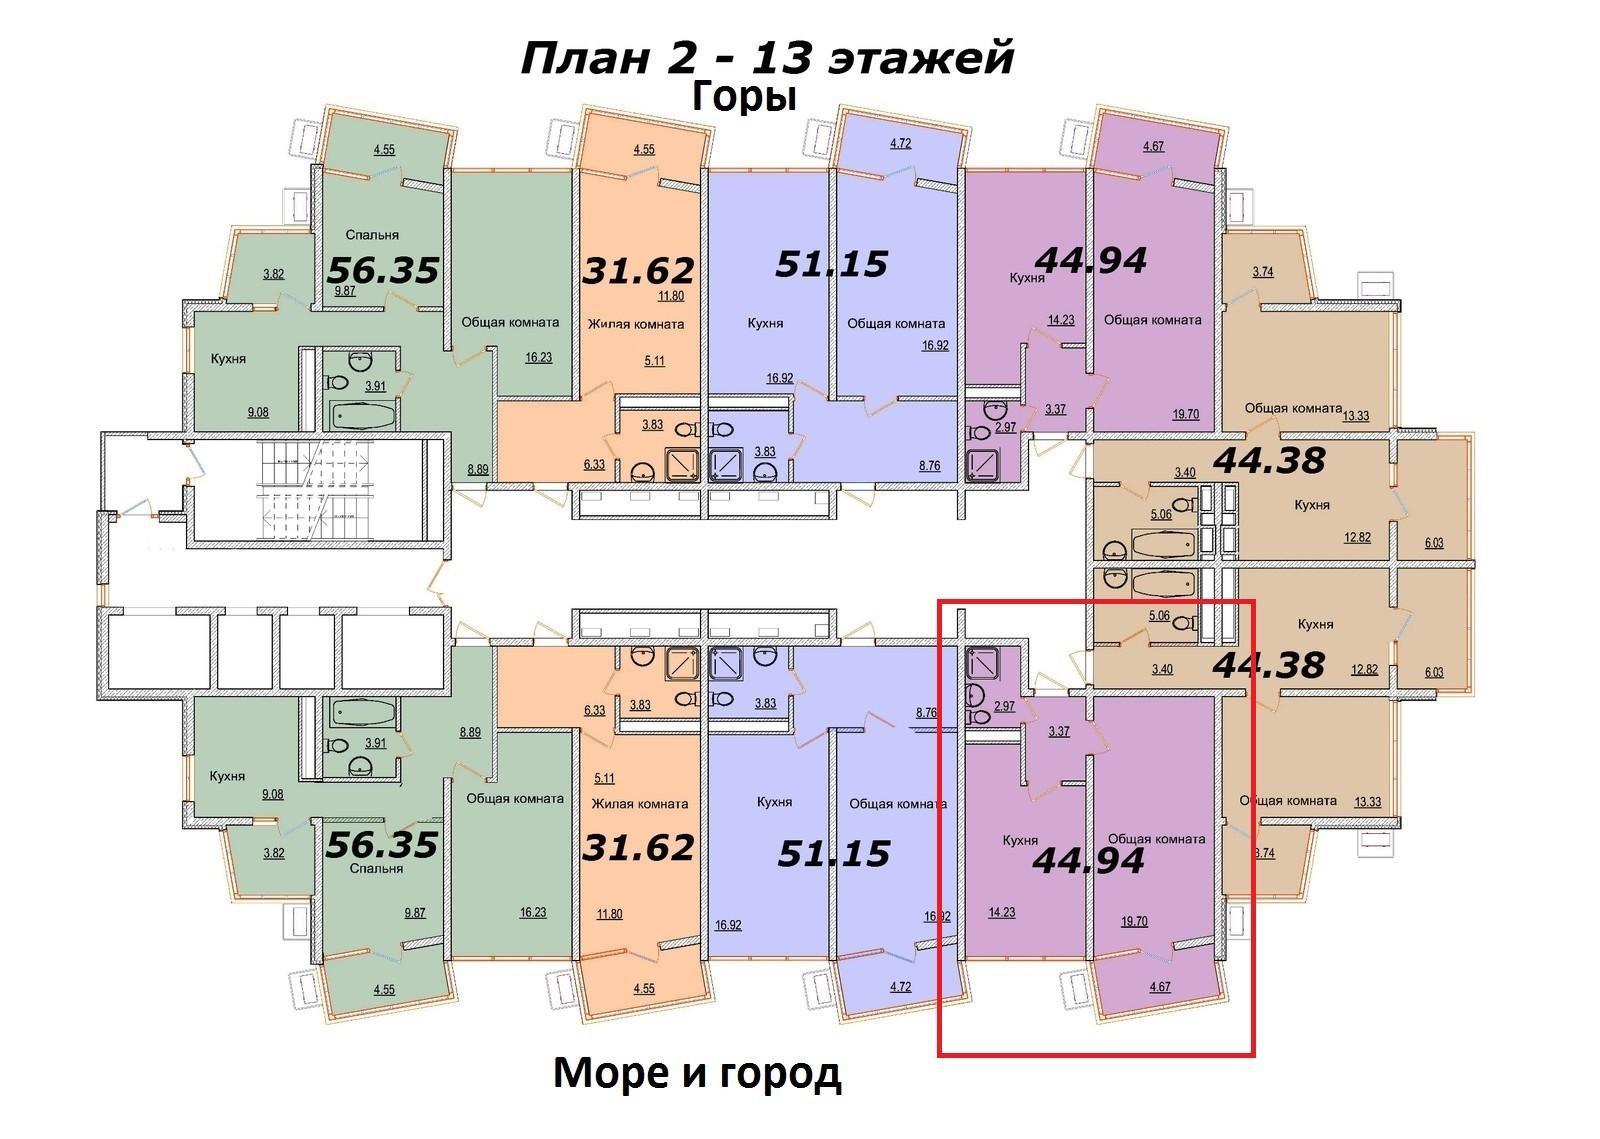 Огни Сочи - планировка 2-13 этажей